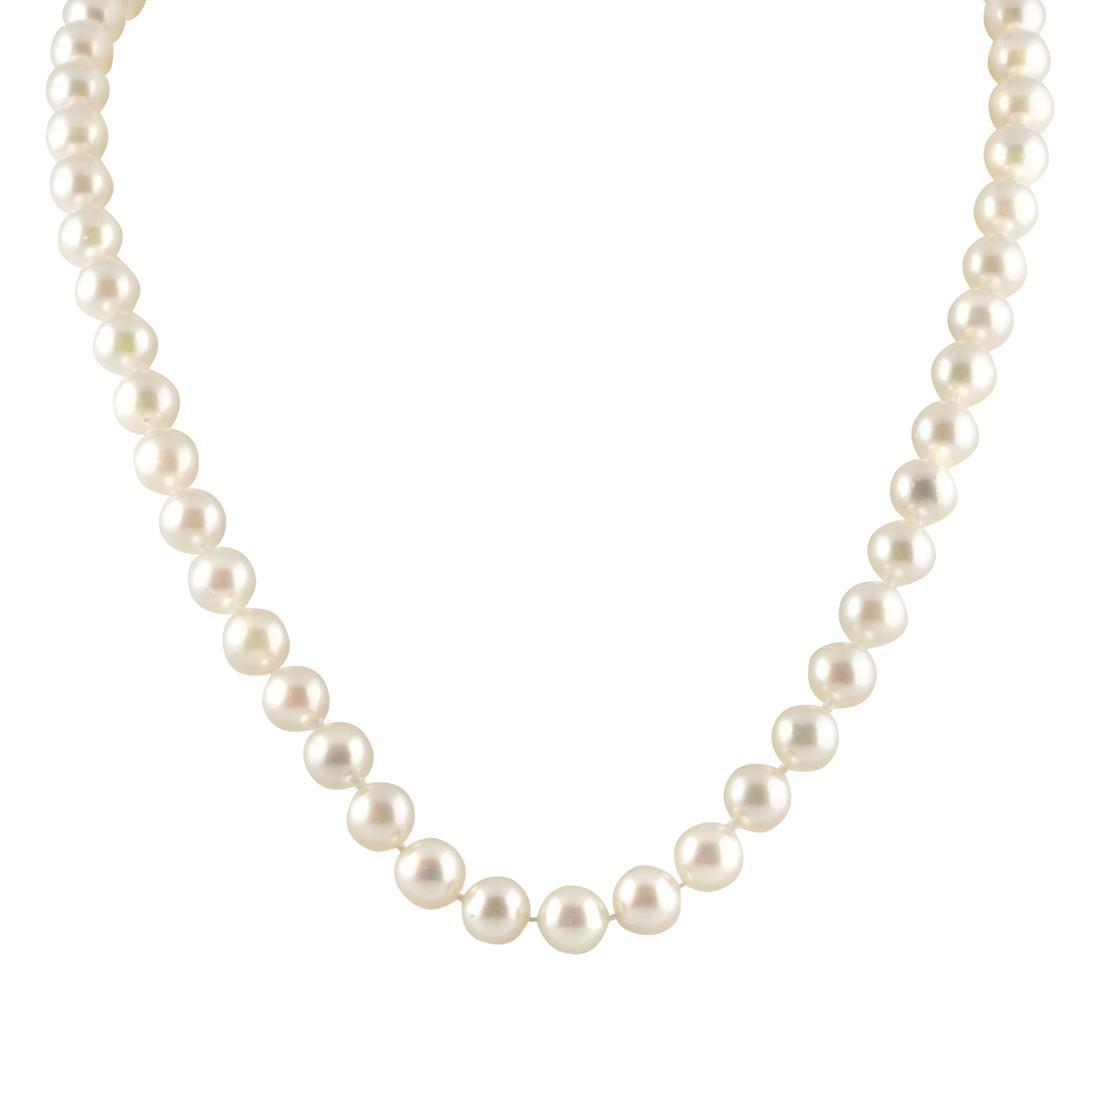 Collana di perle Akoya Giapponesi 6,5-7 mm, lunghezza 46 cm - ORO&CO